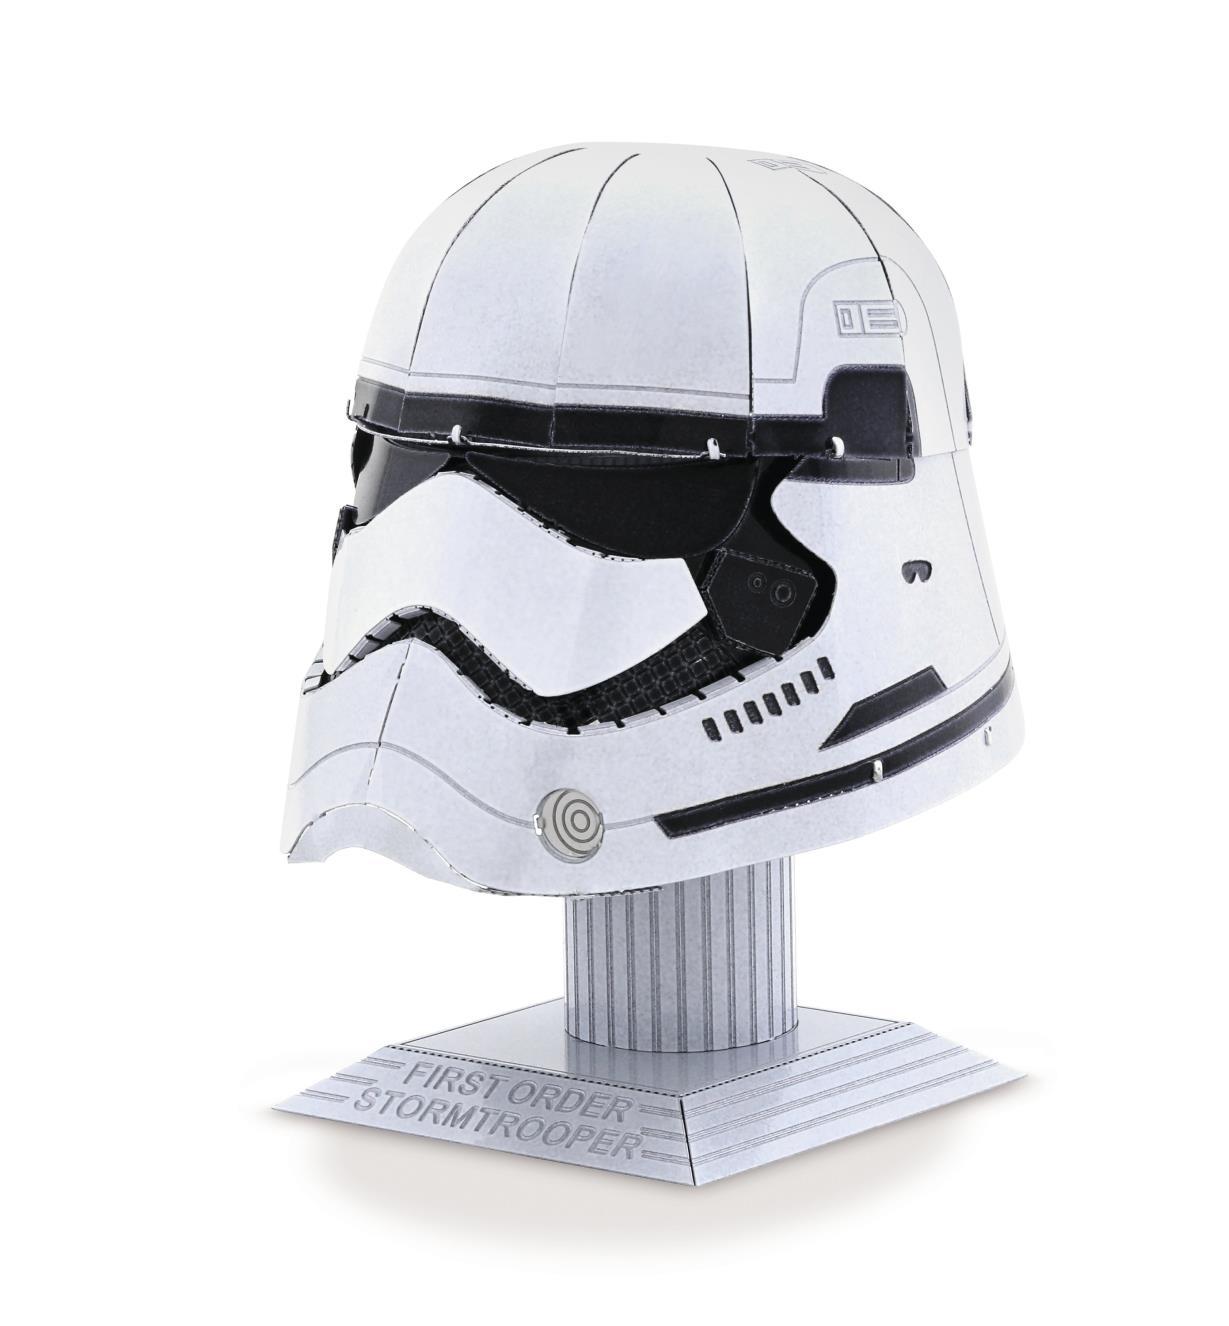 45K4166 - Modèle réduit en métal – Star Wars: Casque de stormtrooper du Premier Ordre